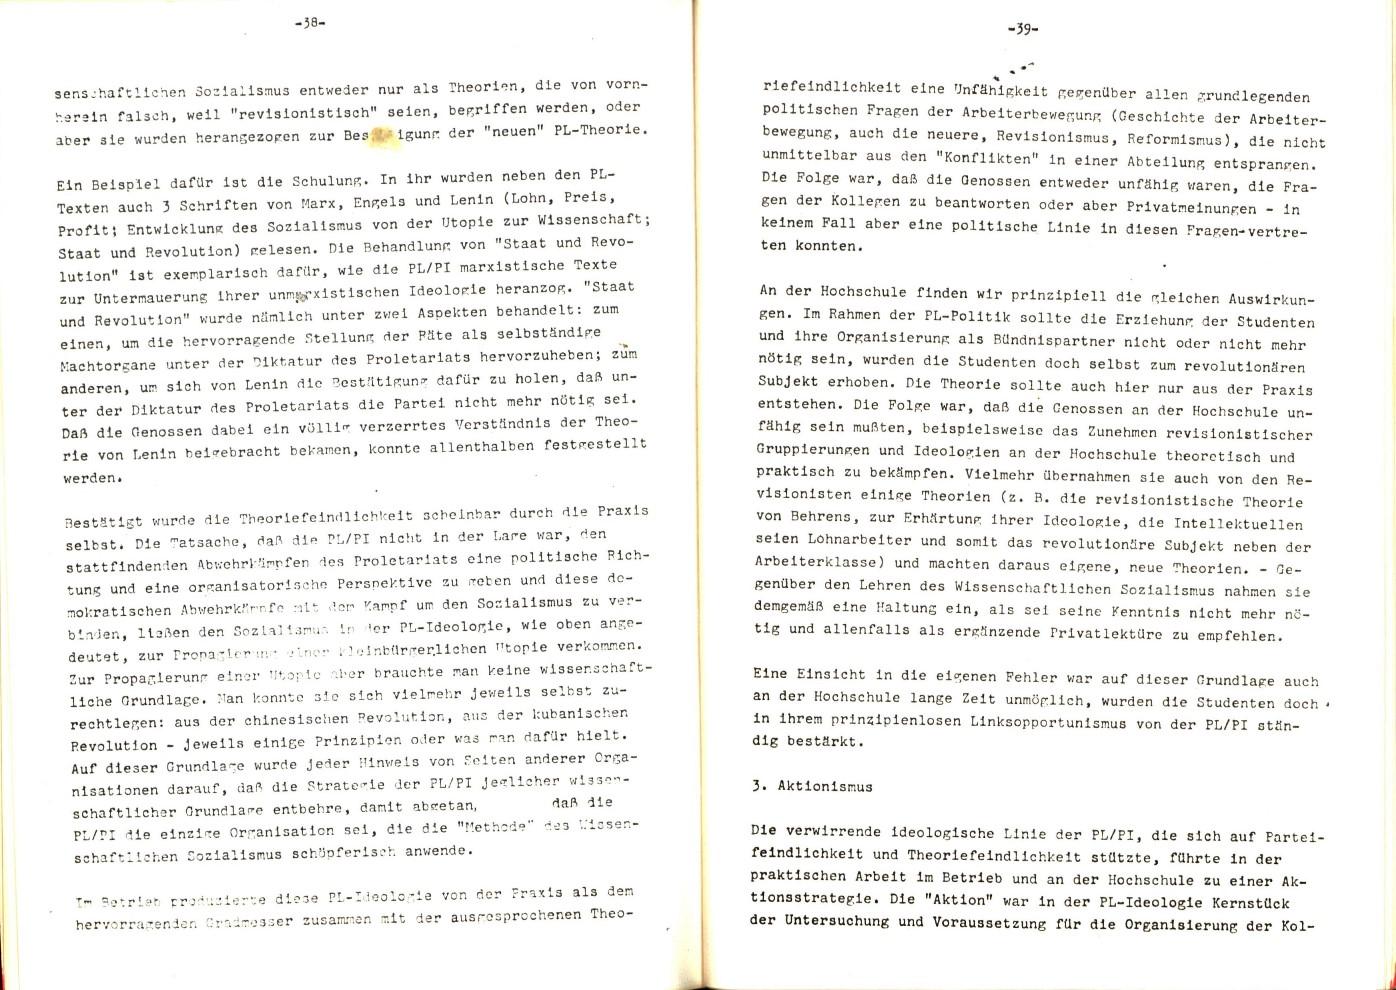 PLPI_1971_Aufloesung_22